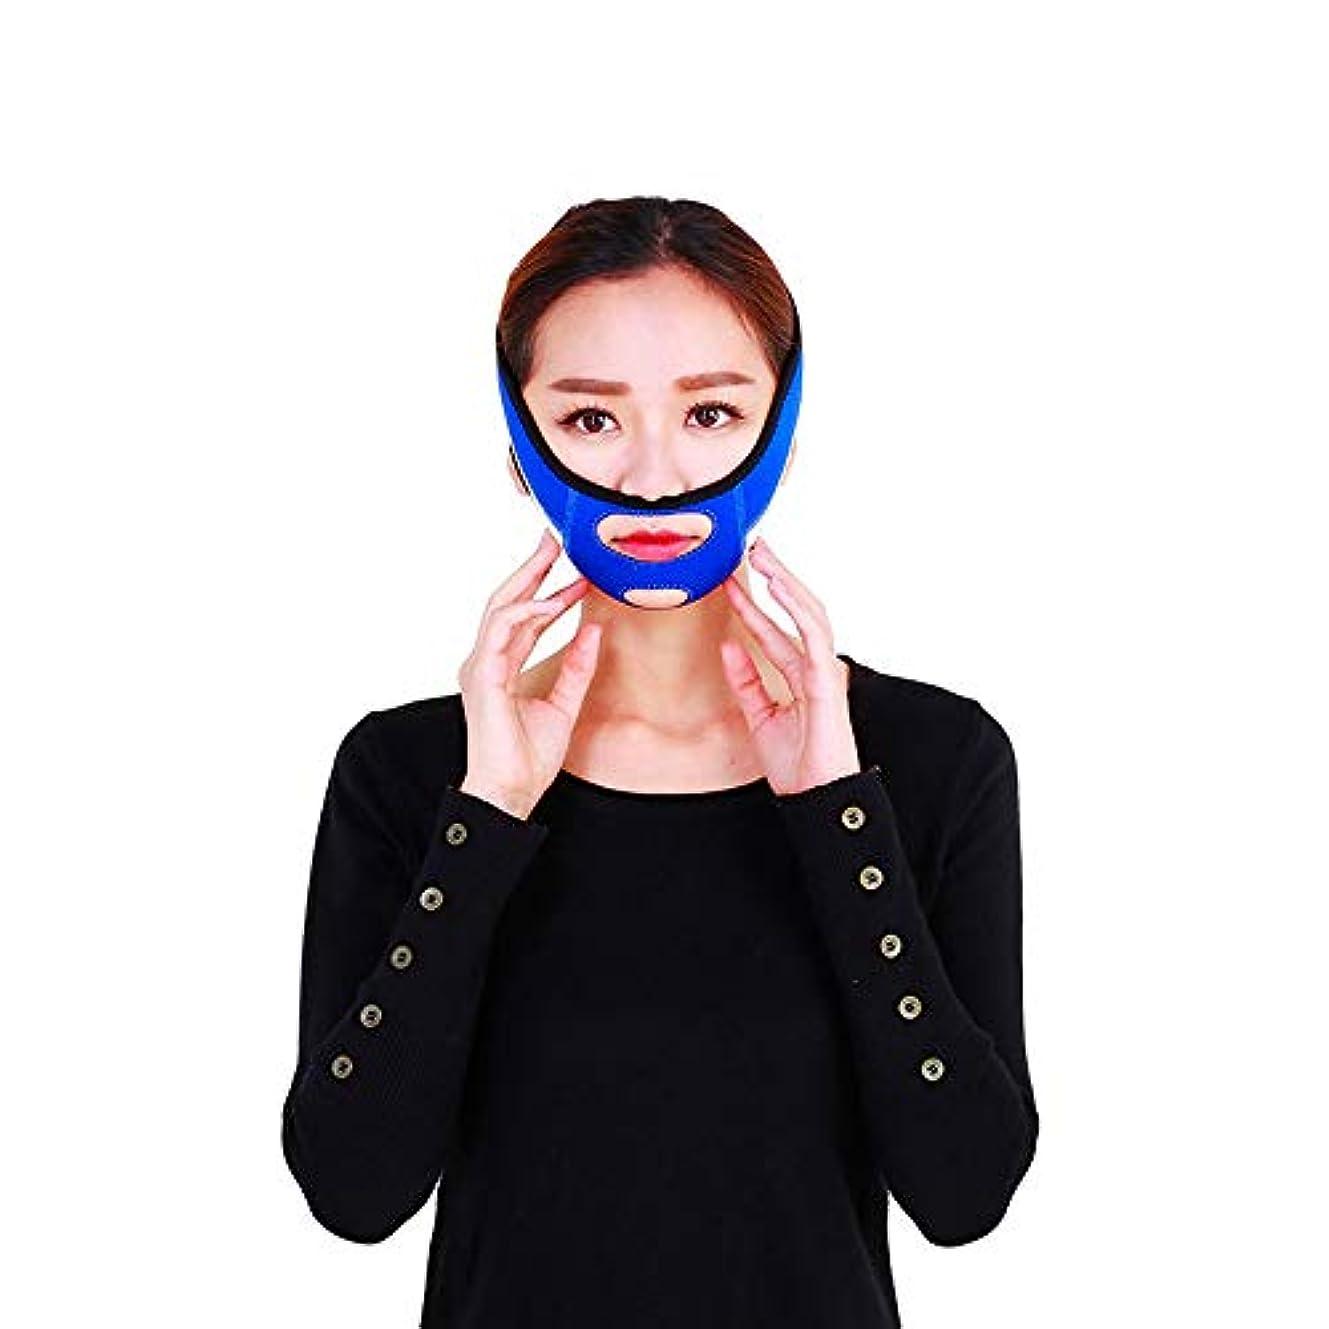 定義混合した何でもJia Jia- フェイシャルリフティング痩身ベルトフェーススリム二重あごを取り除くアンチエイジングリンクルフェイス包帯マスク整形マスクが顔を引き締める 顔面包帯